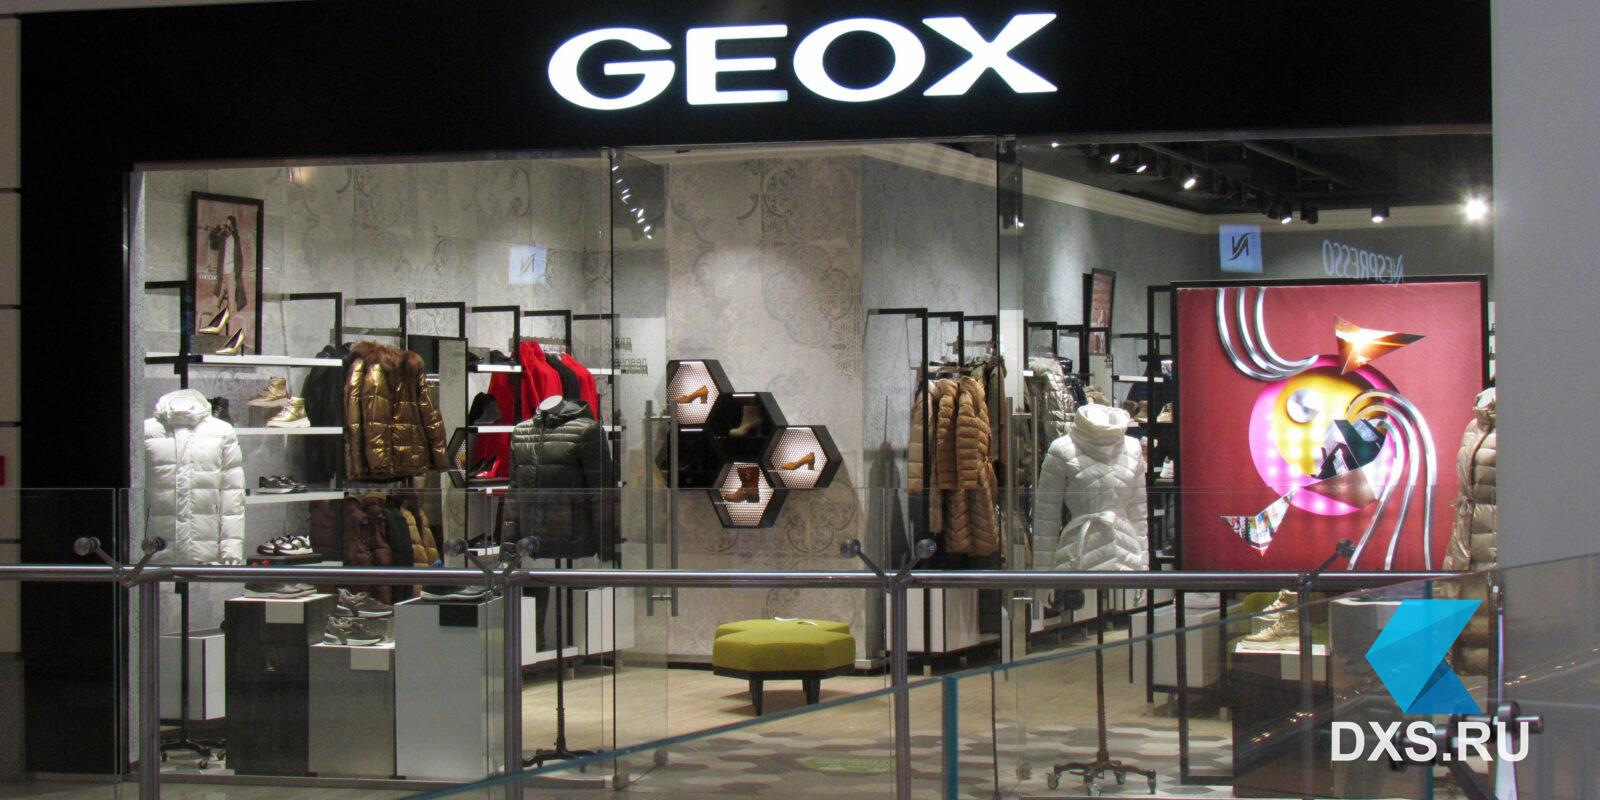 GEOX Атриум